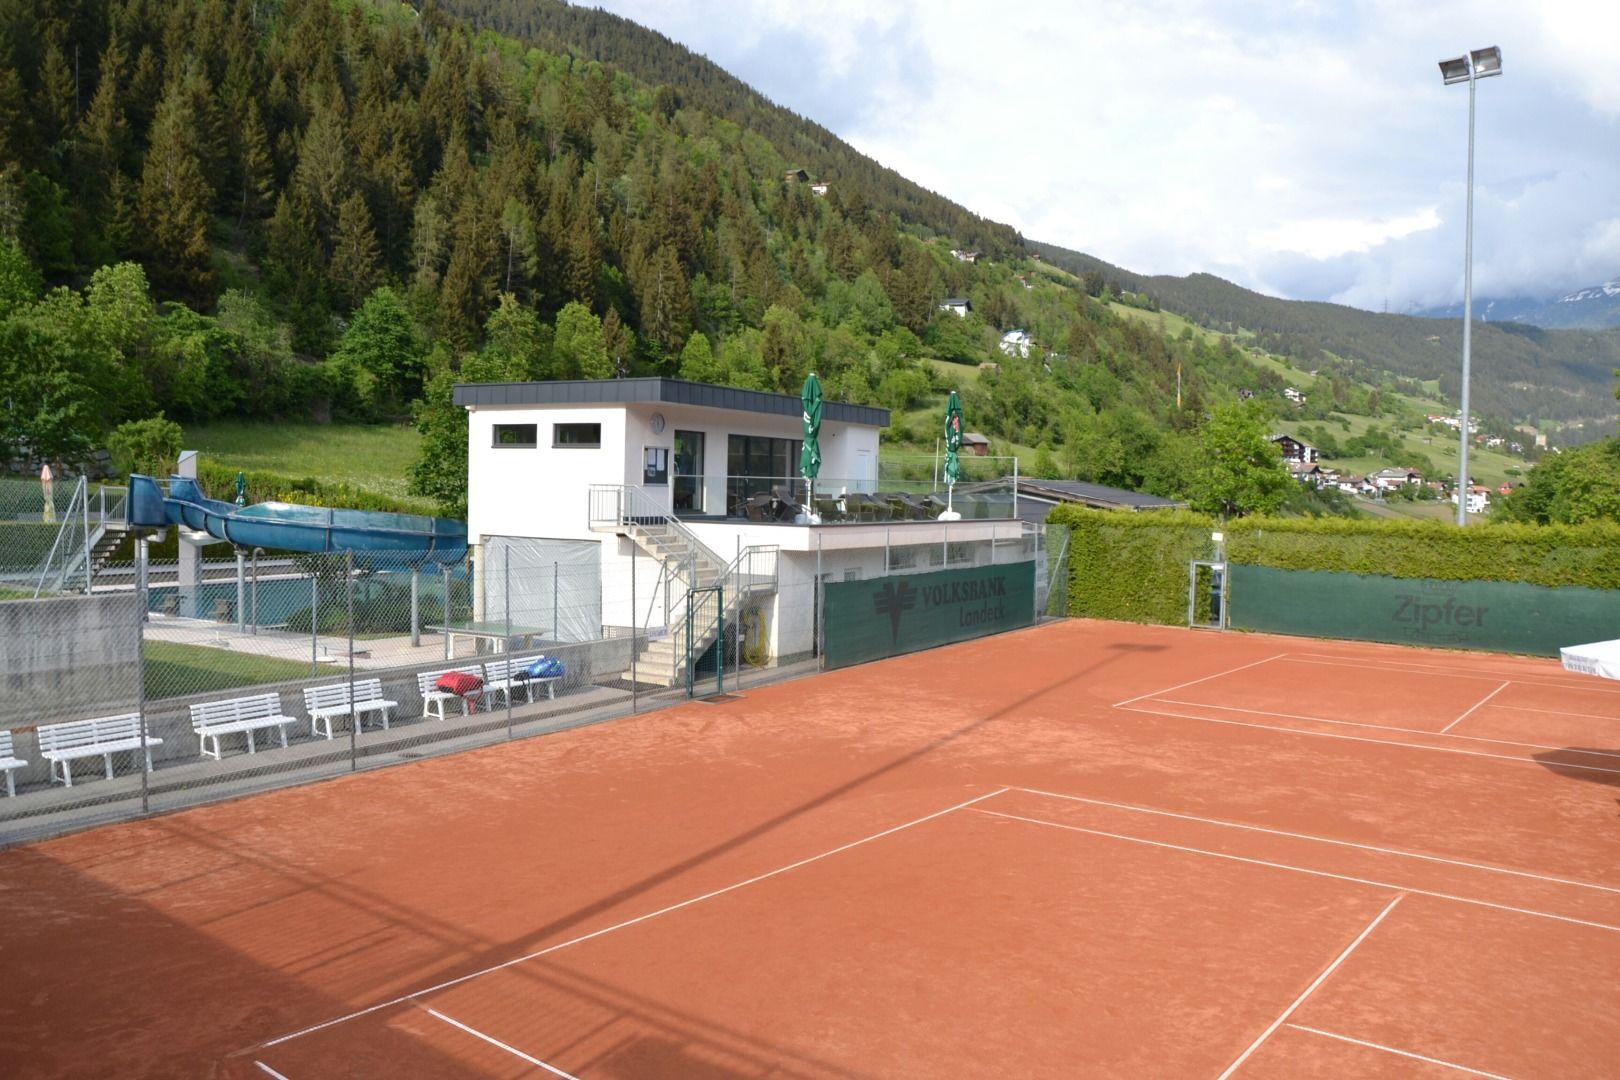 Tennisplatz Fließ